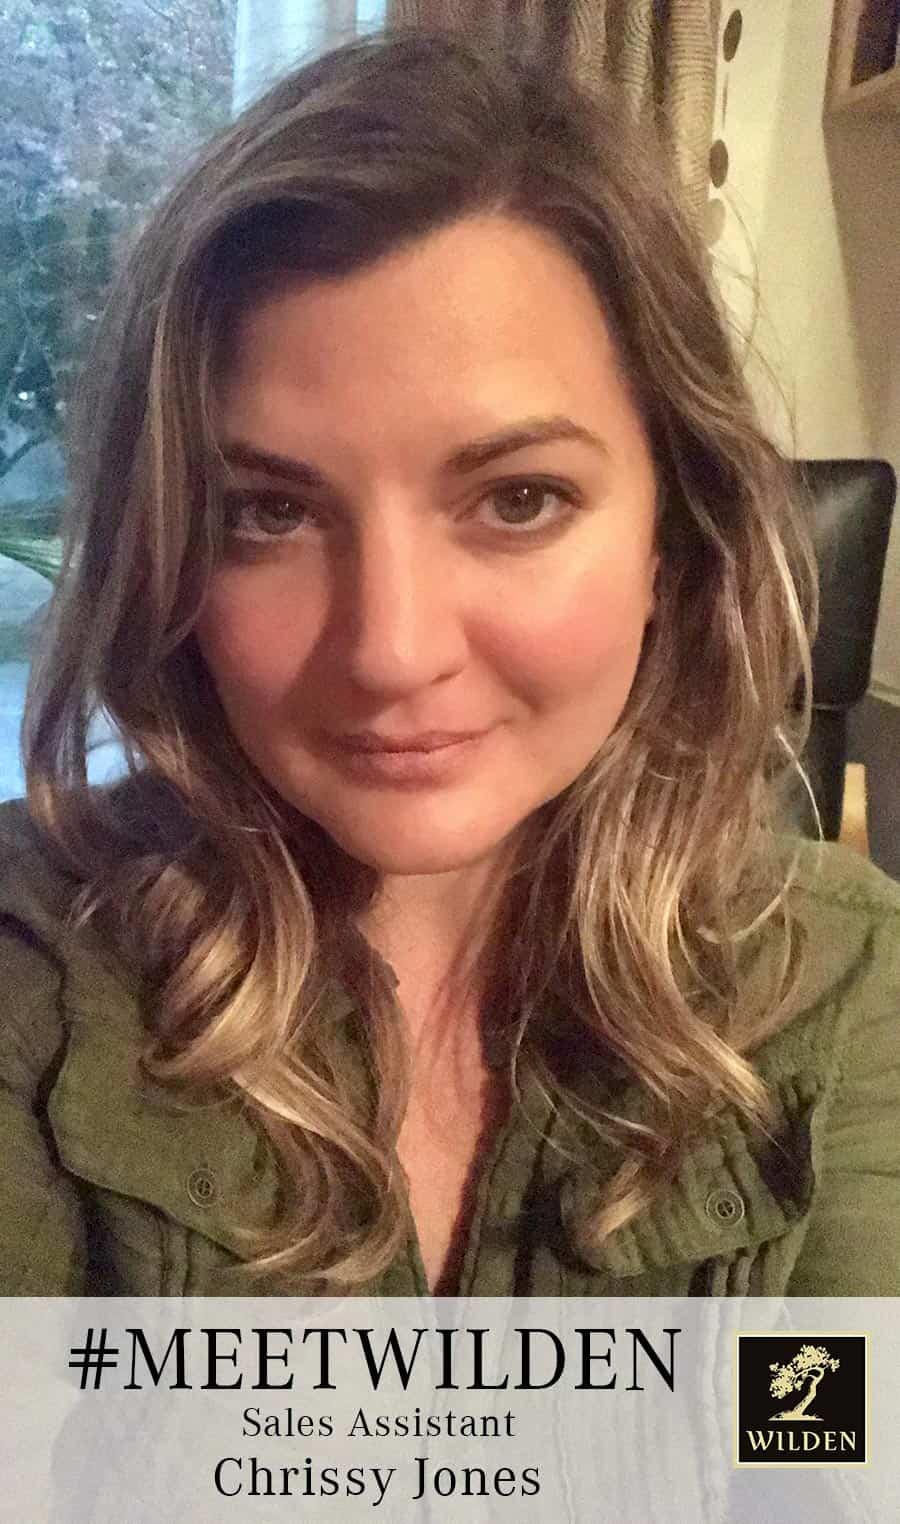 MeetWilden - Chrissy Jones portrait image